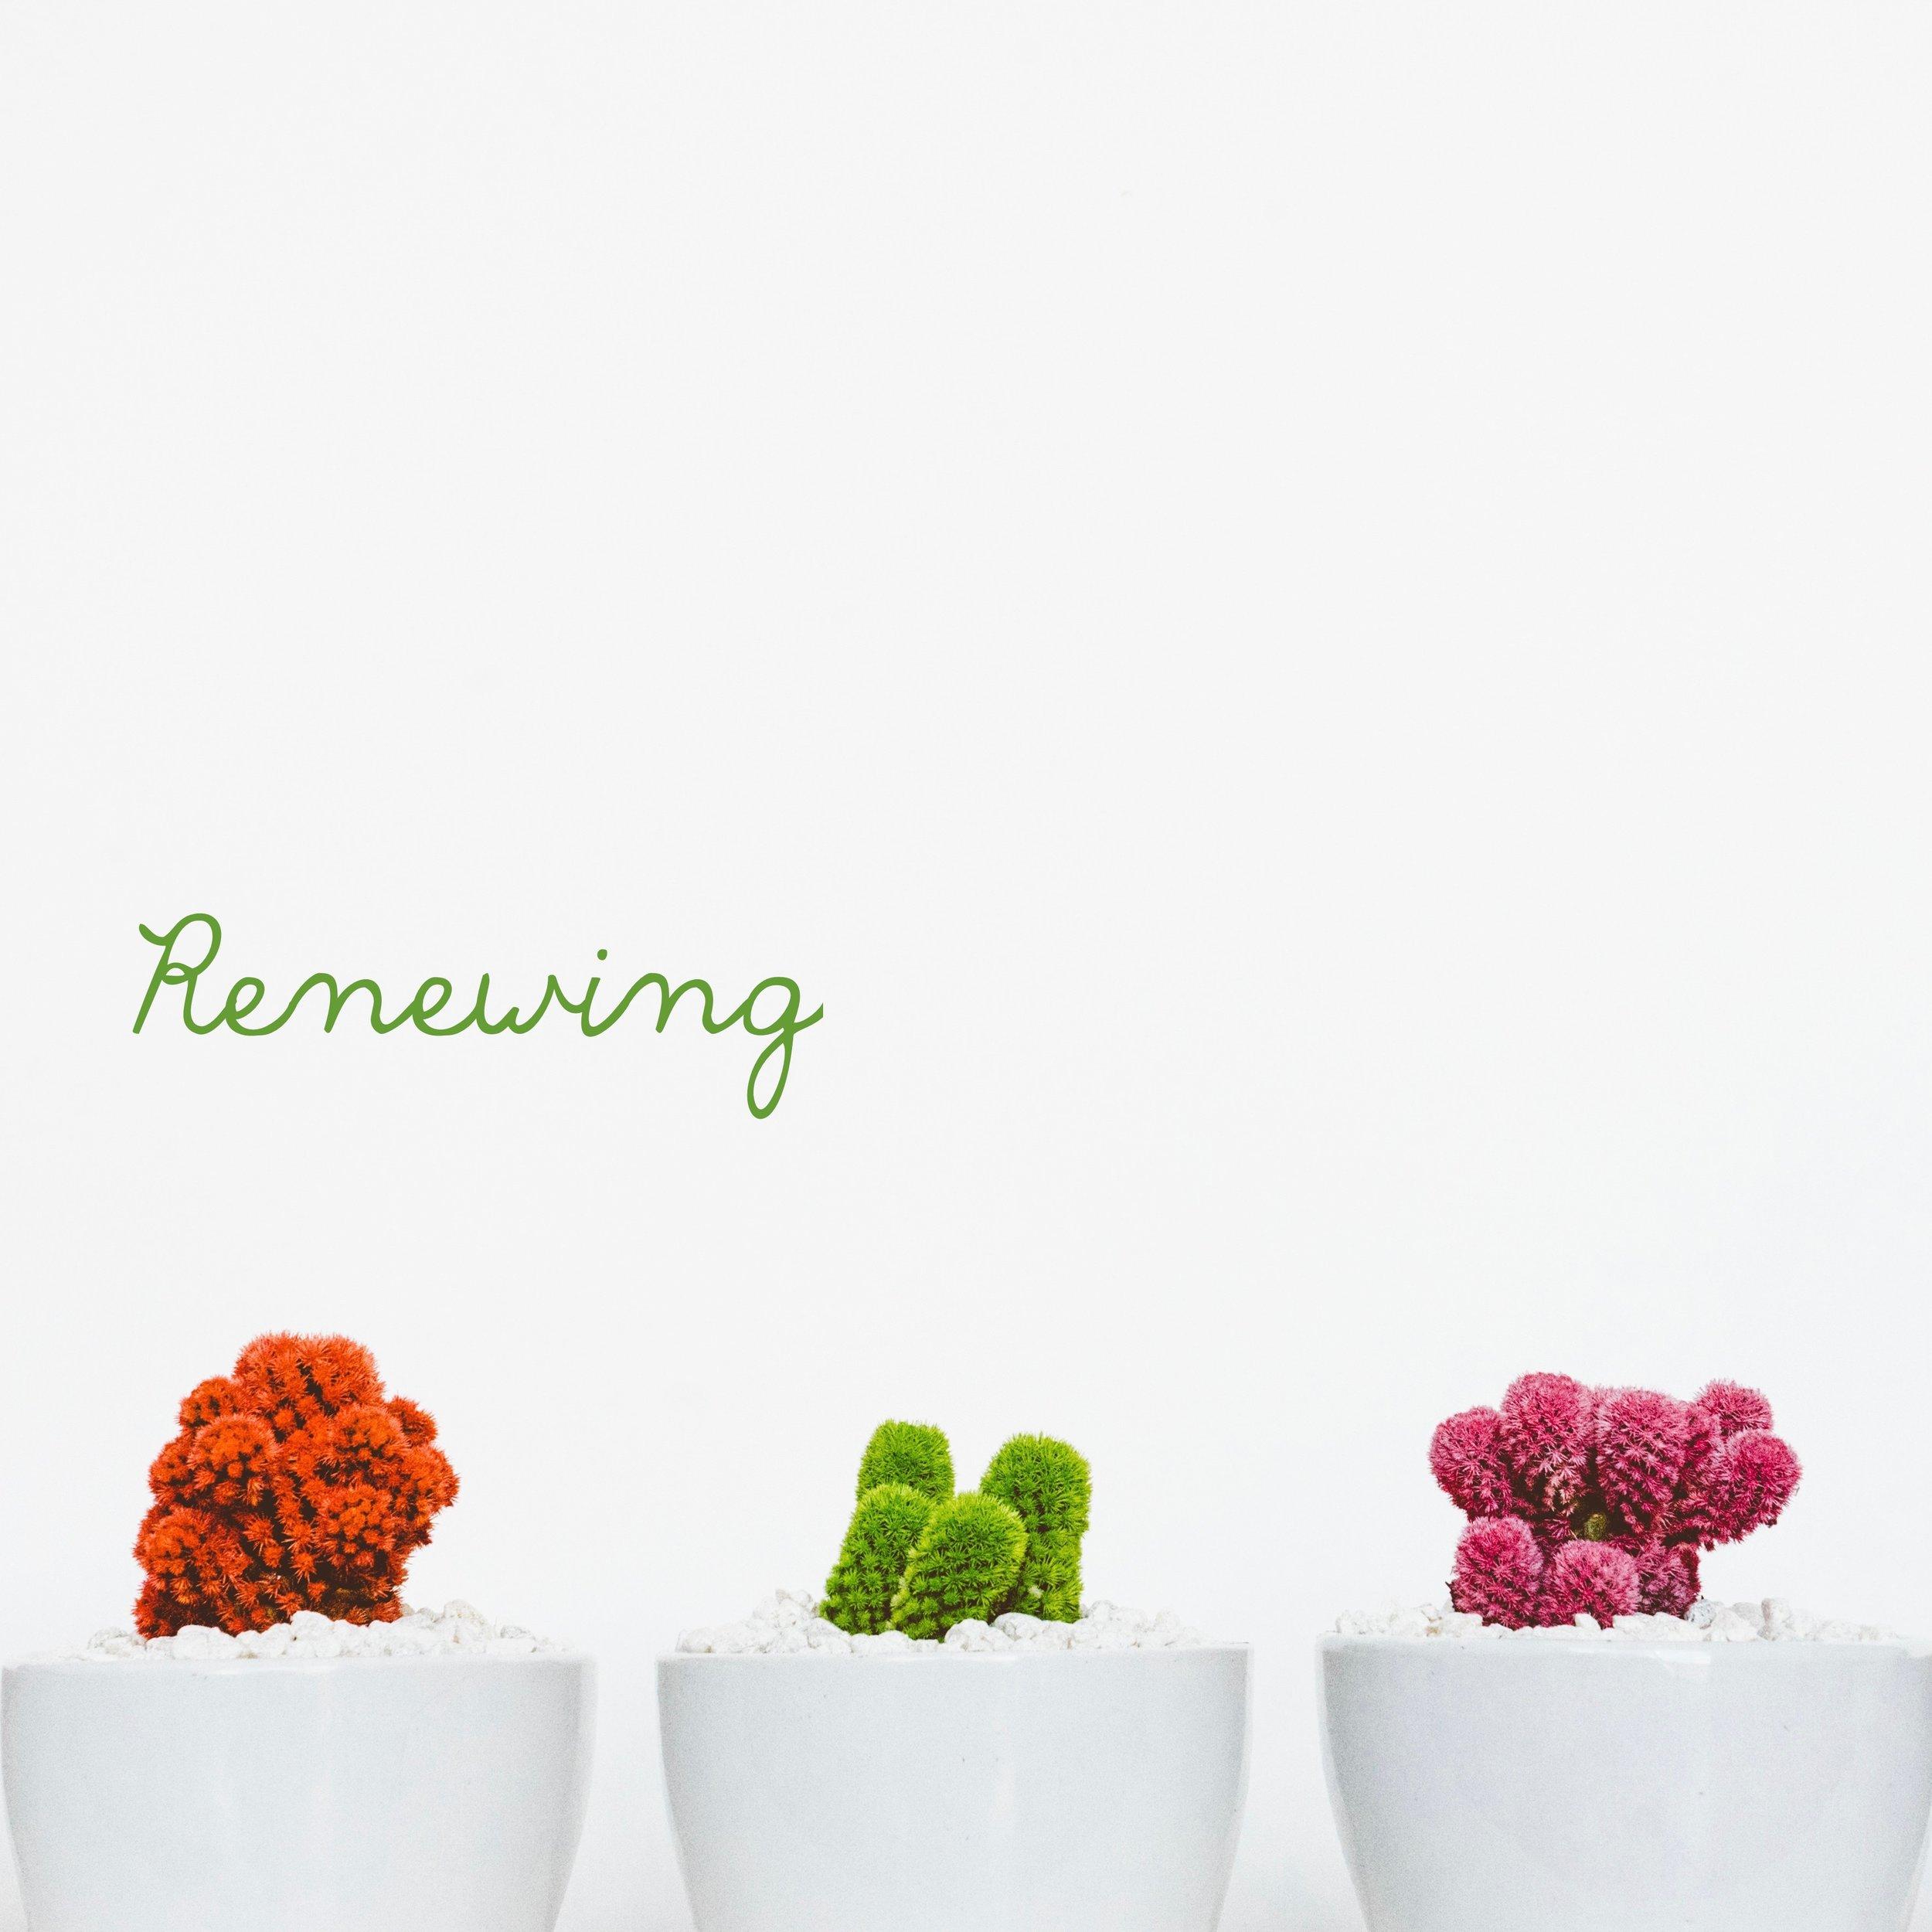 renewing.jpeg